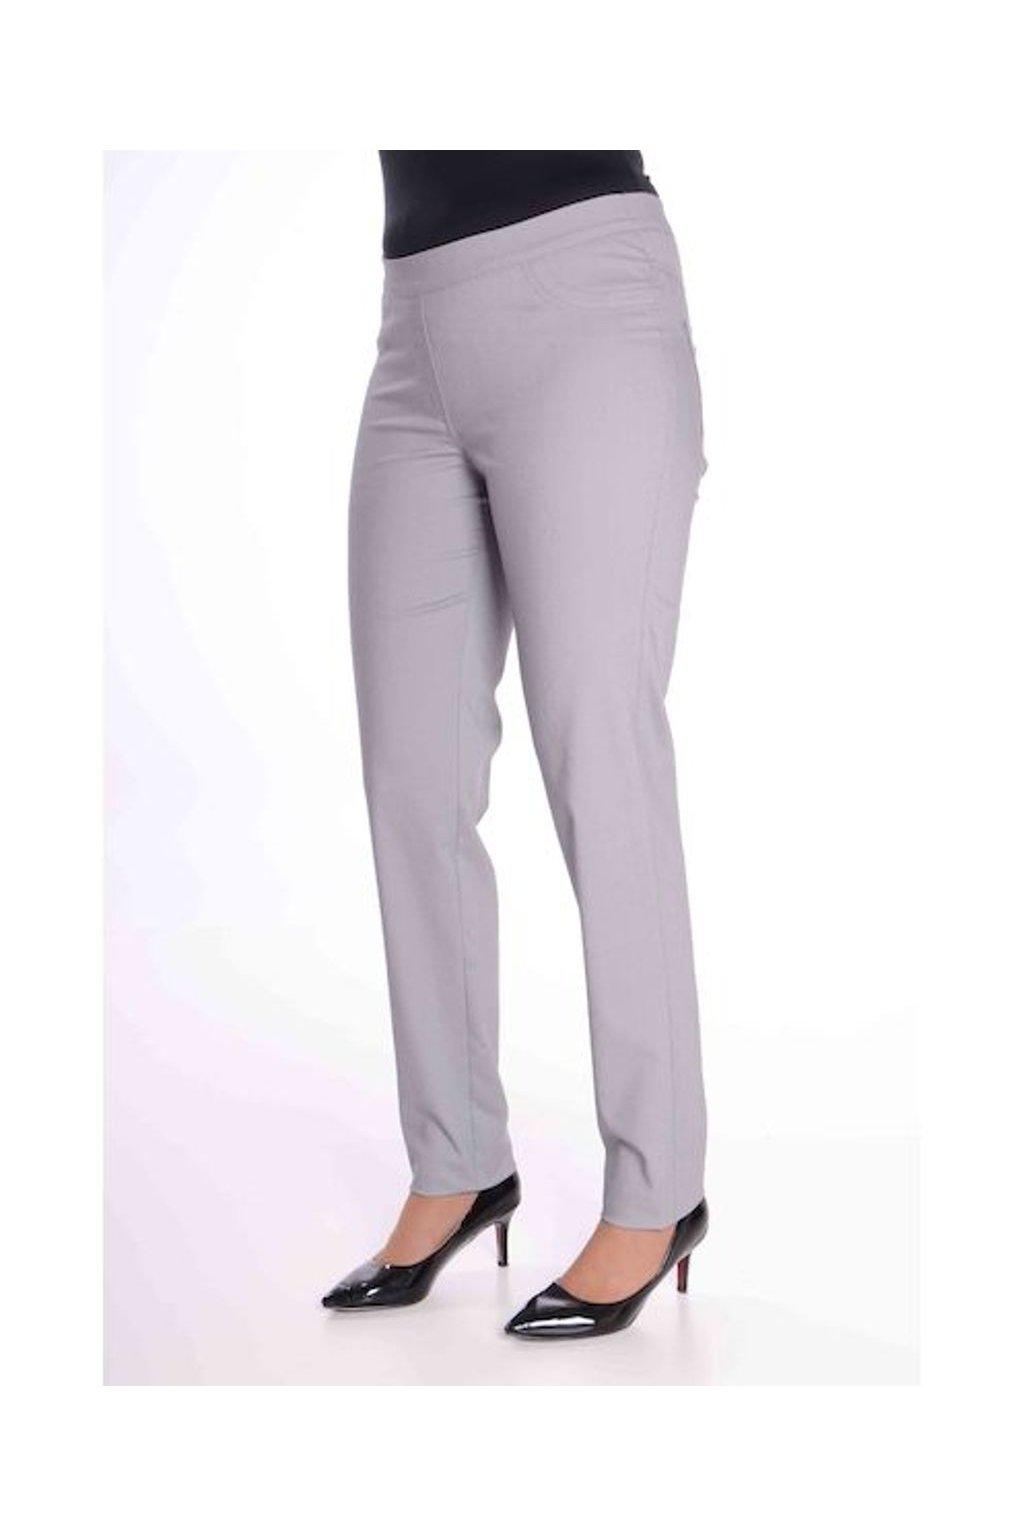 68T Kalhoty Jenny (Velikost 36, Barva Šedá)